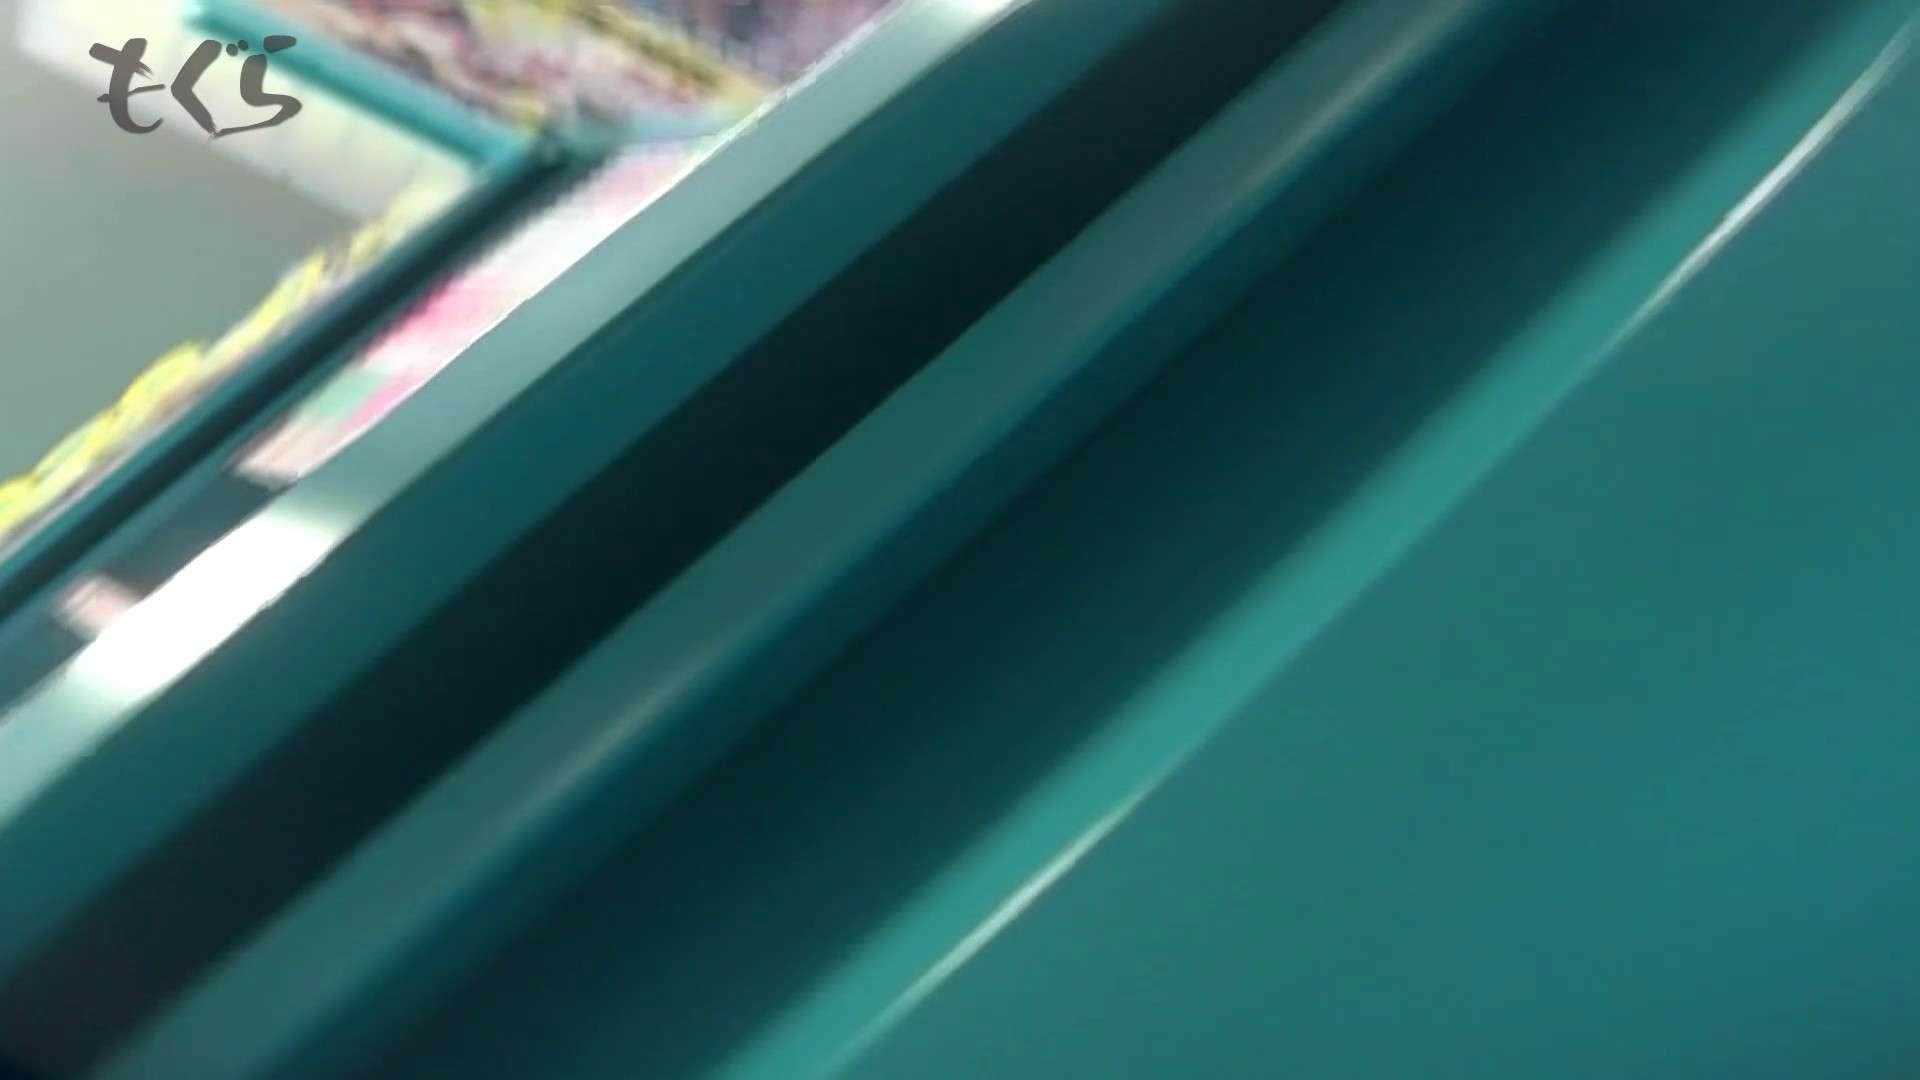 隣からNo26 出ました最強コントラストモノトーン!! おまんこ無修正 覗きオメコ動画キャプチャ 55pic 2